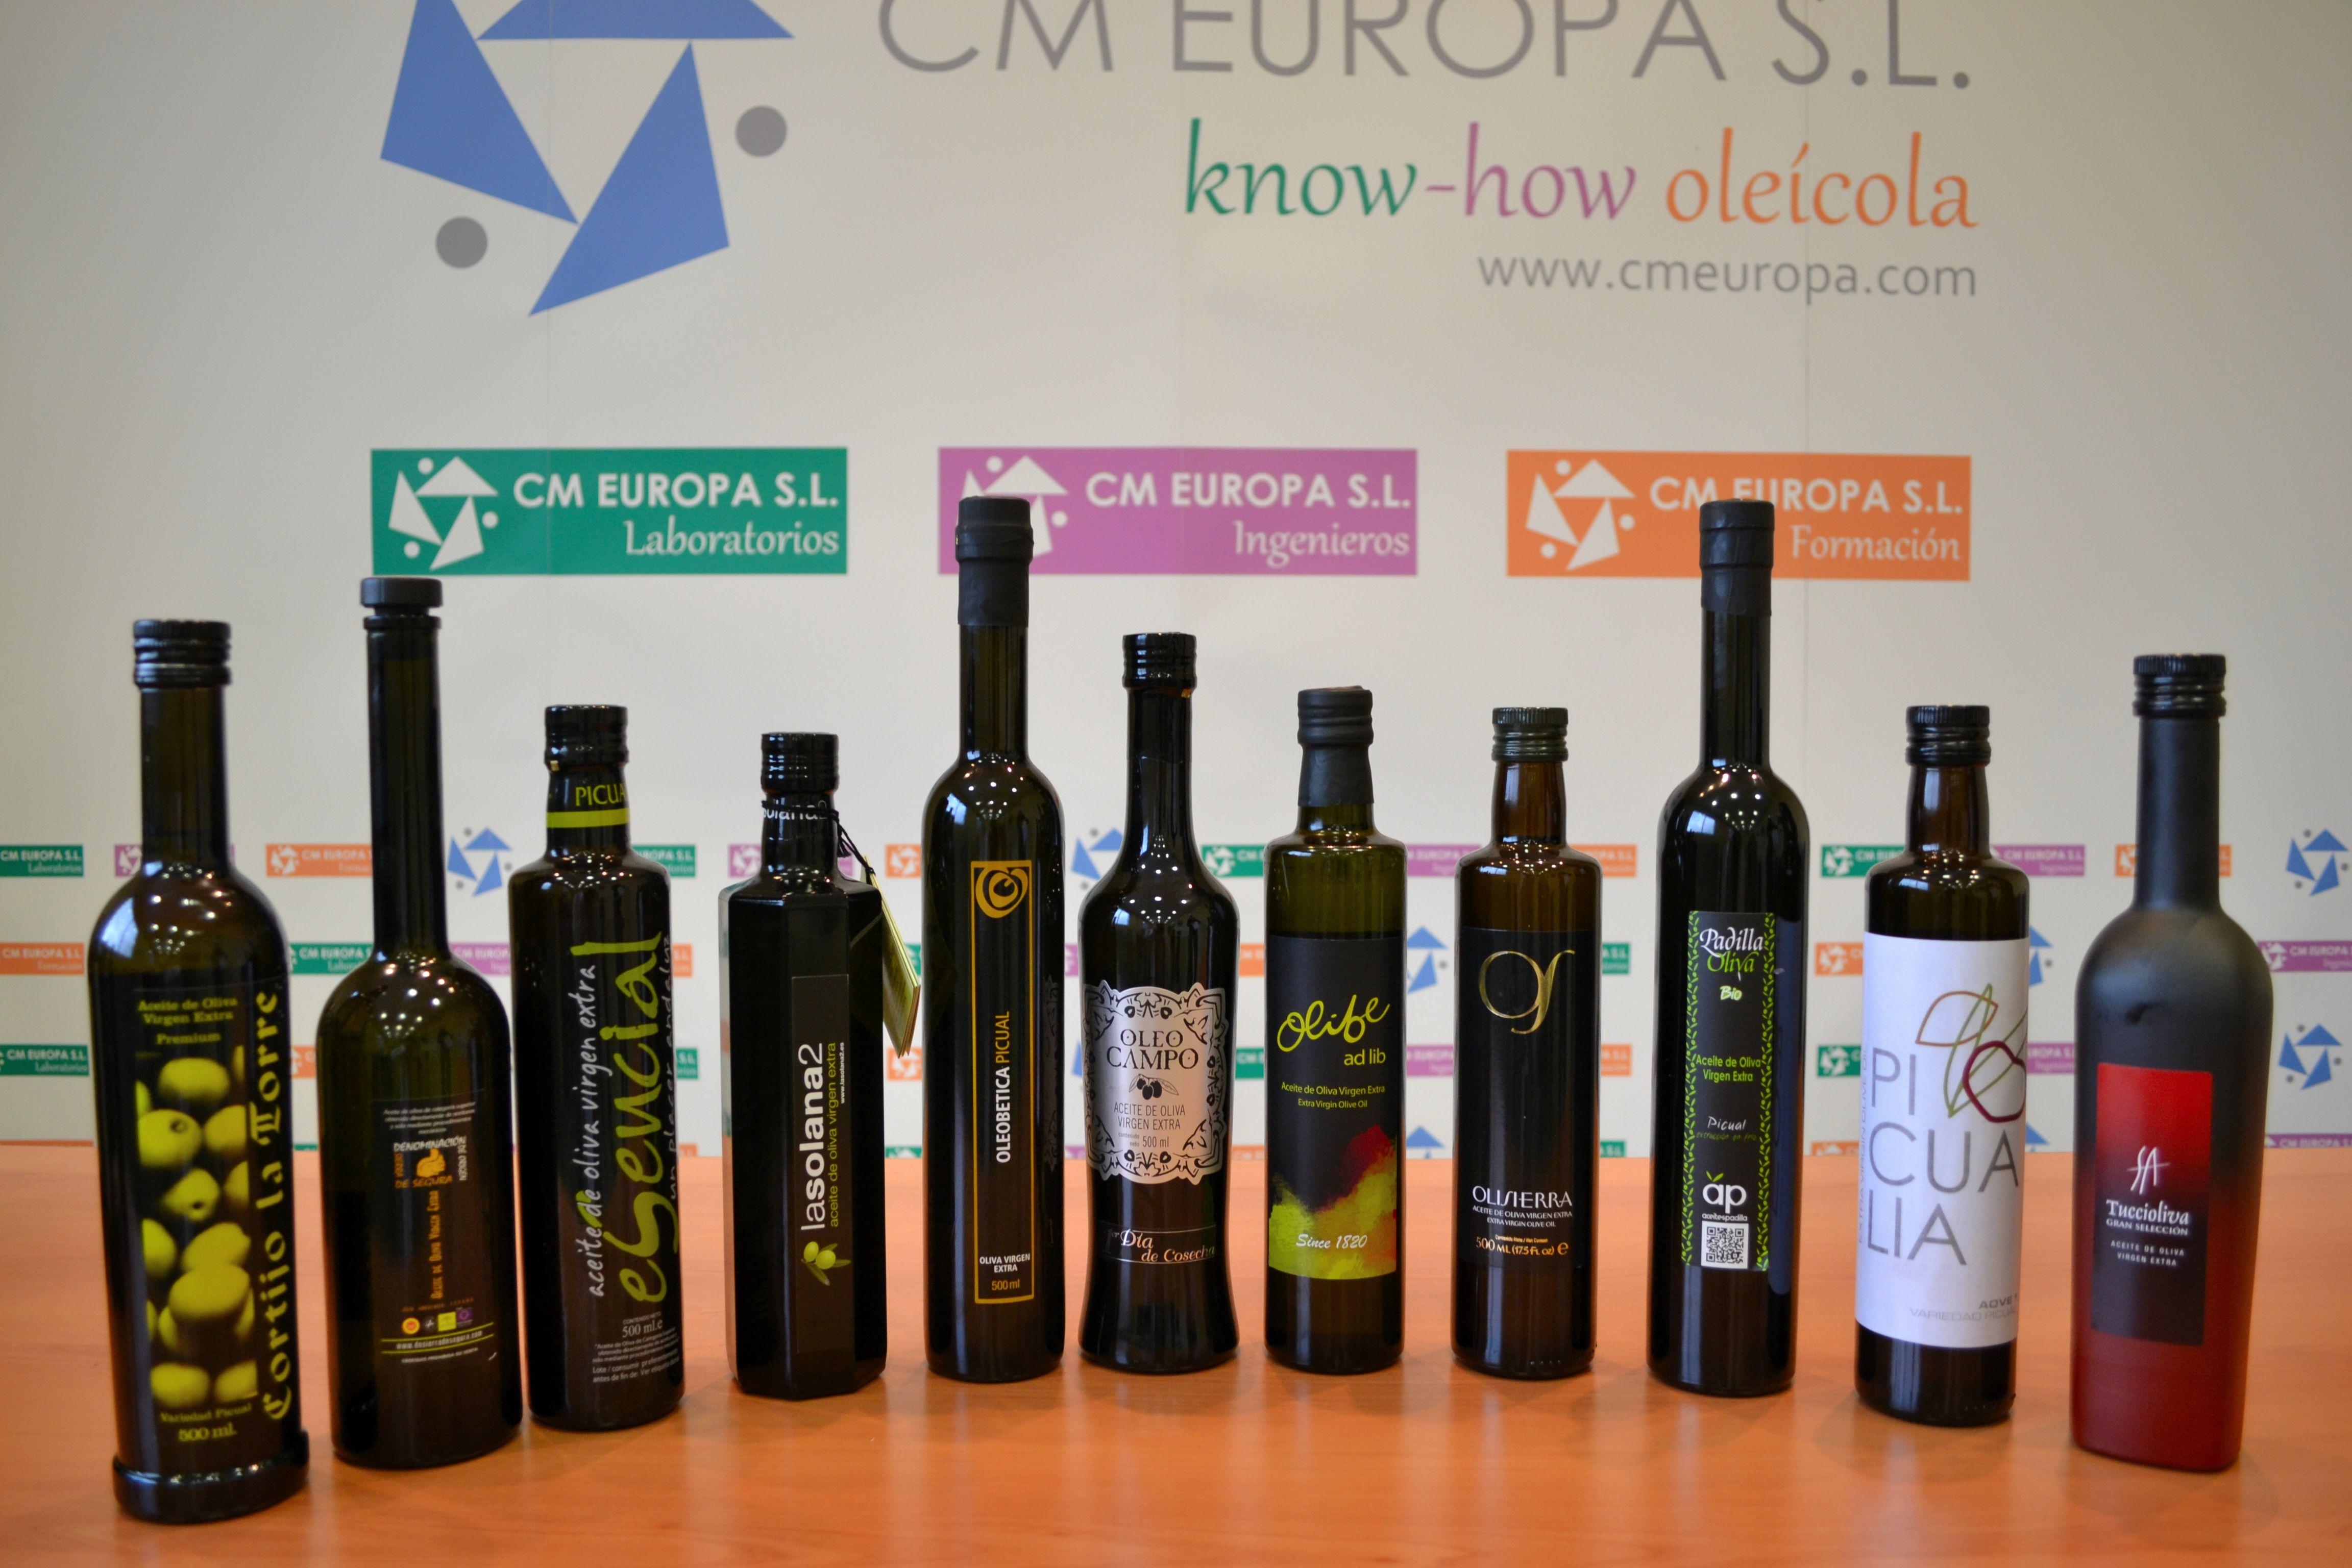 Aceites de Oliva Vírgenes Extras presentes en #Twittsandaove 2013 de la variedad Picual